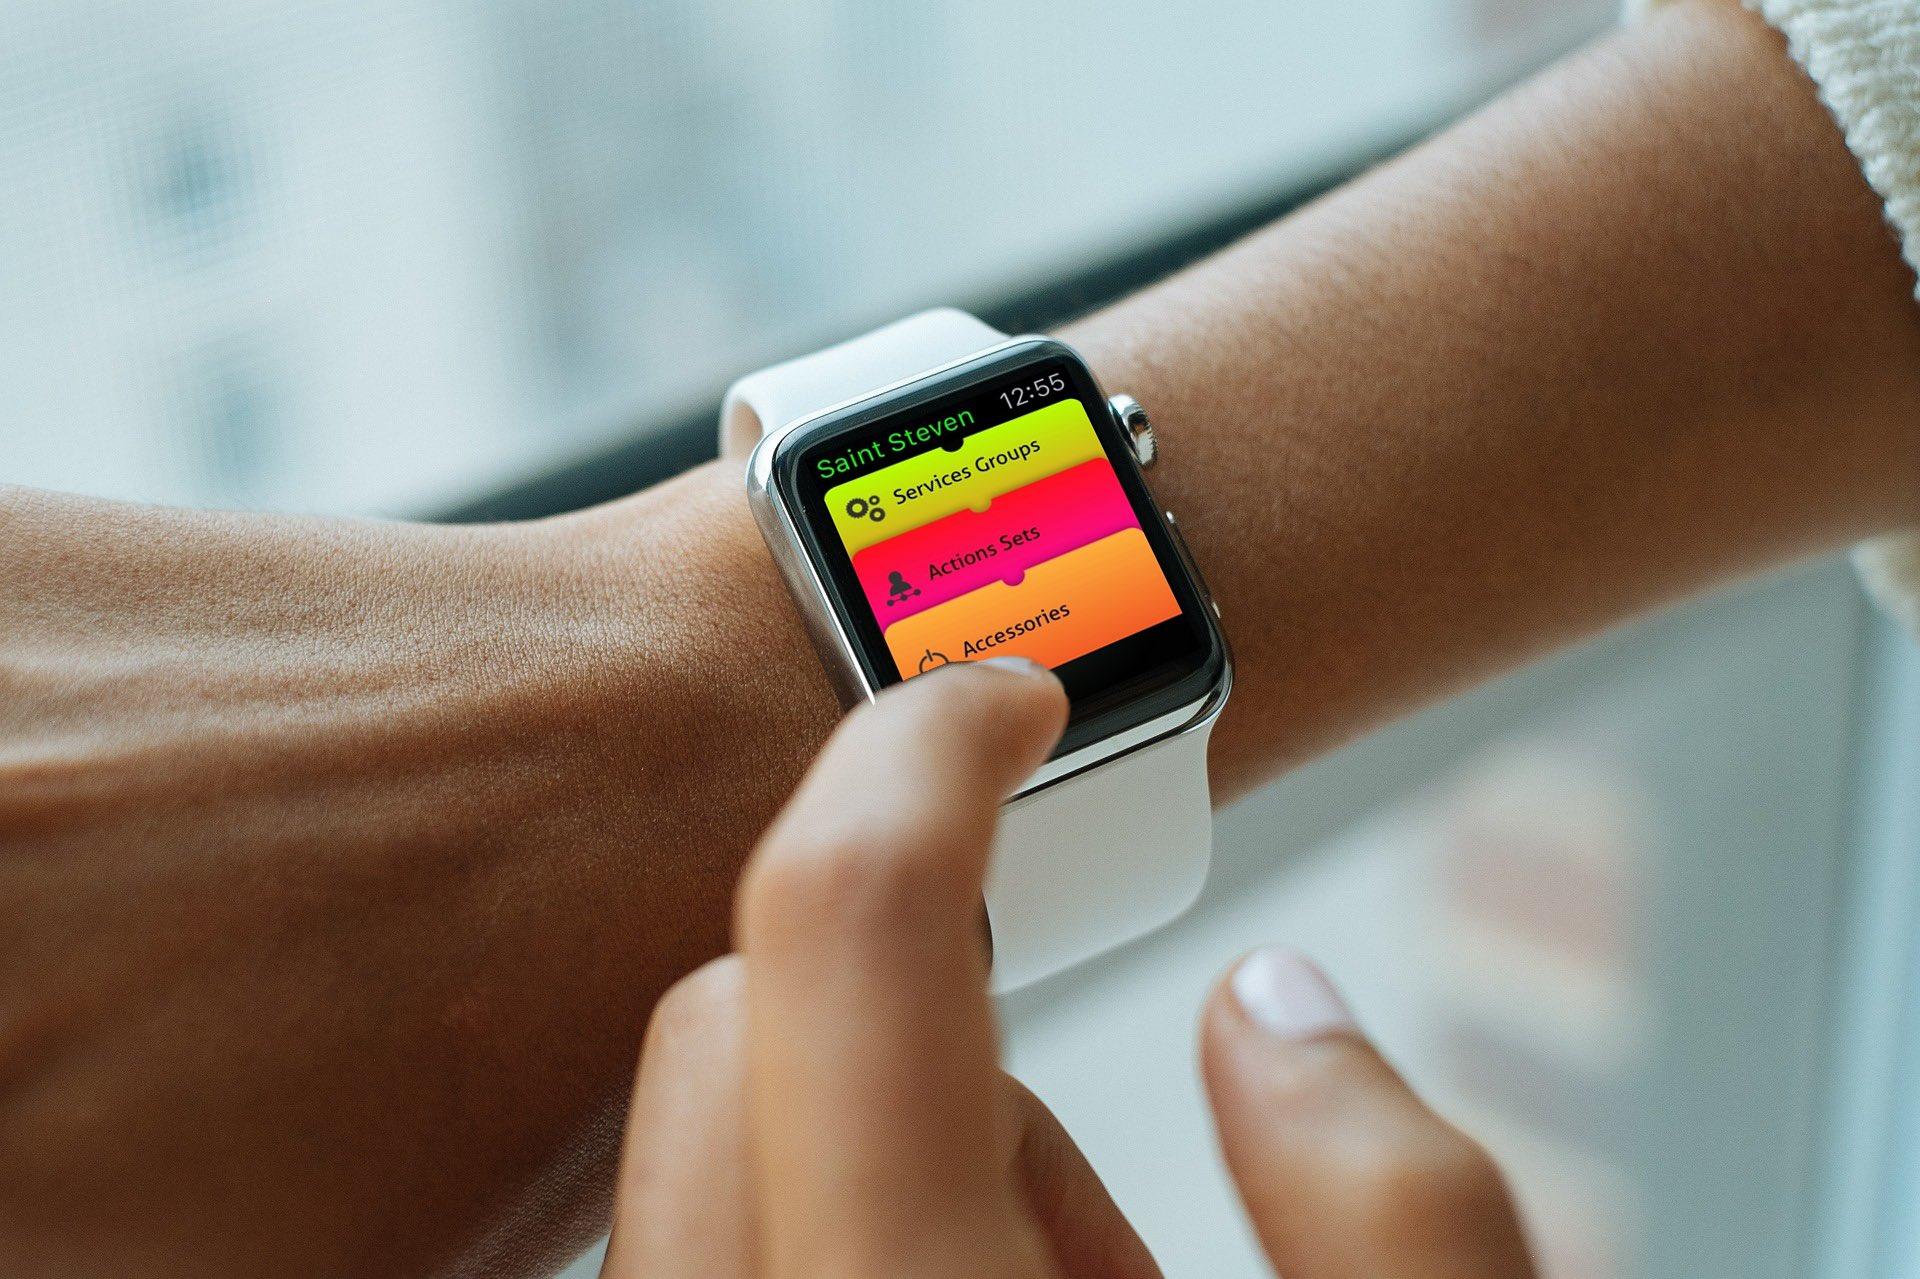 PowerHouz - Apple Watch